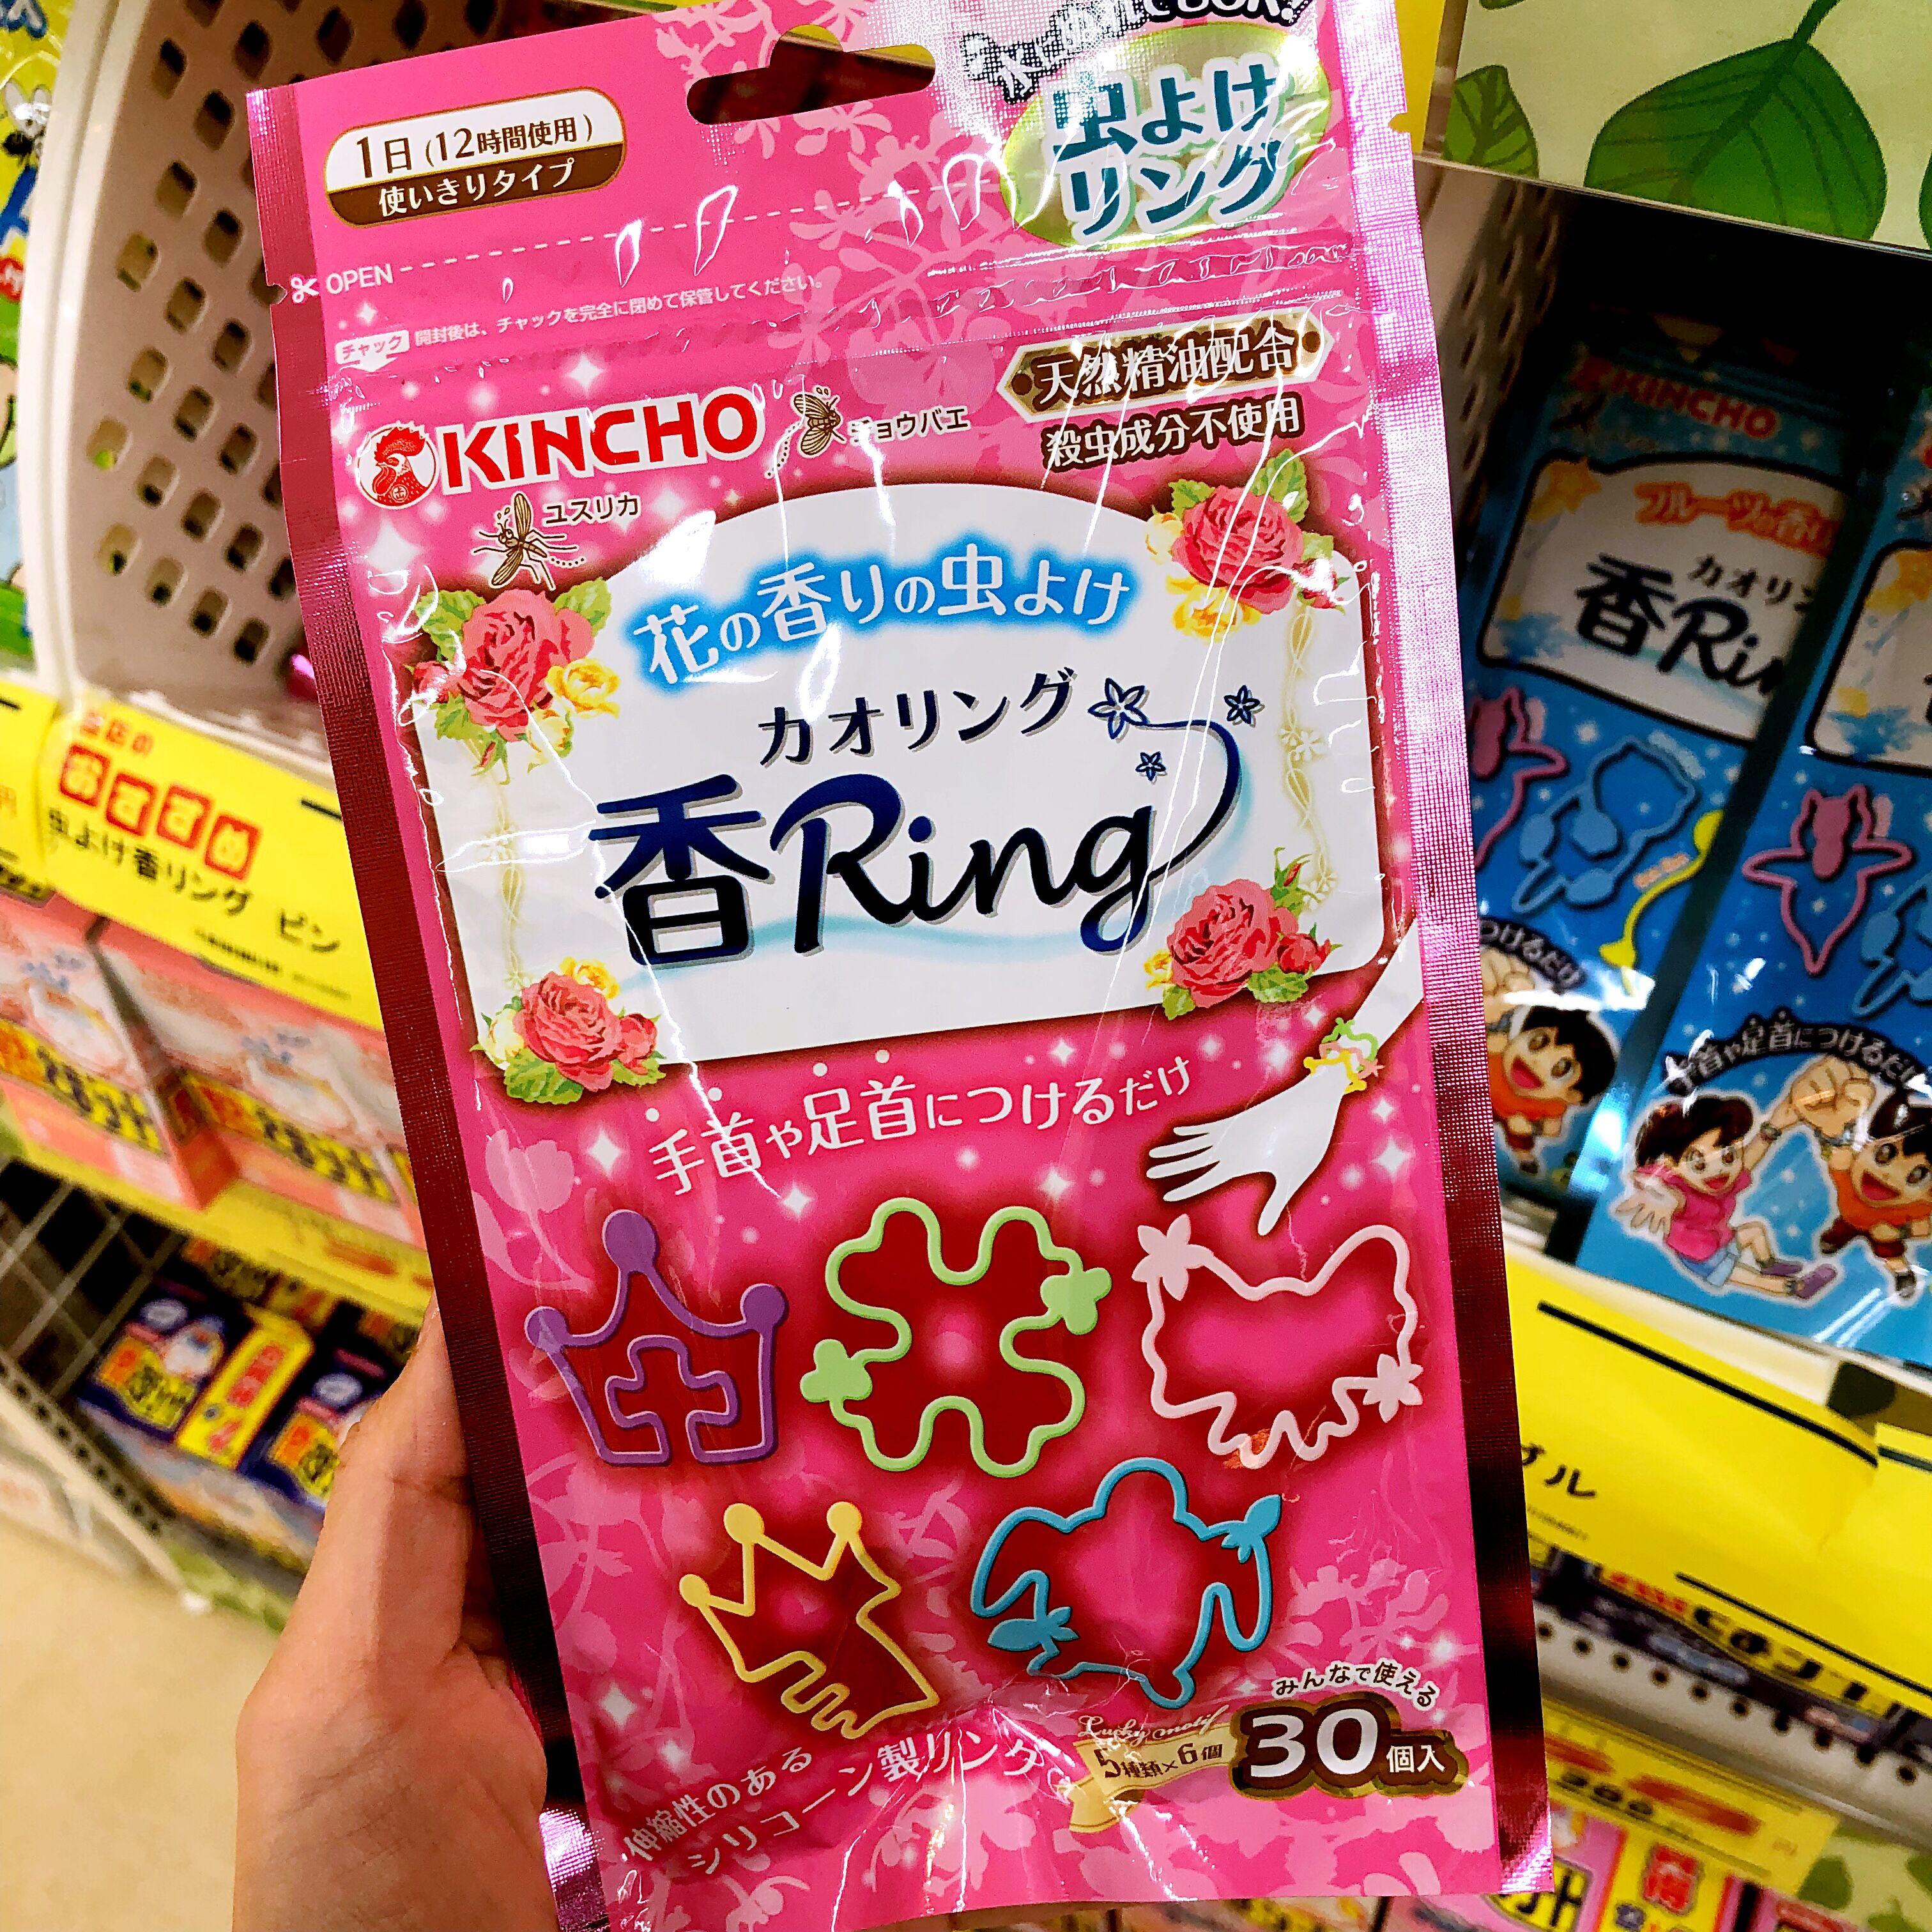 现货日本正品金鸟kincho儿童驱蚊手环宝宝防蚊扣驱蚊胶圈皮筋30只